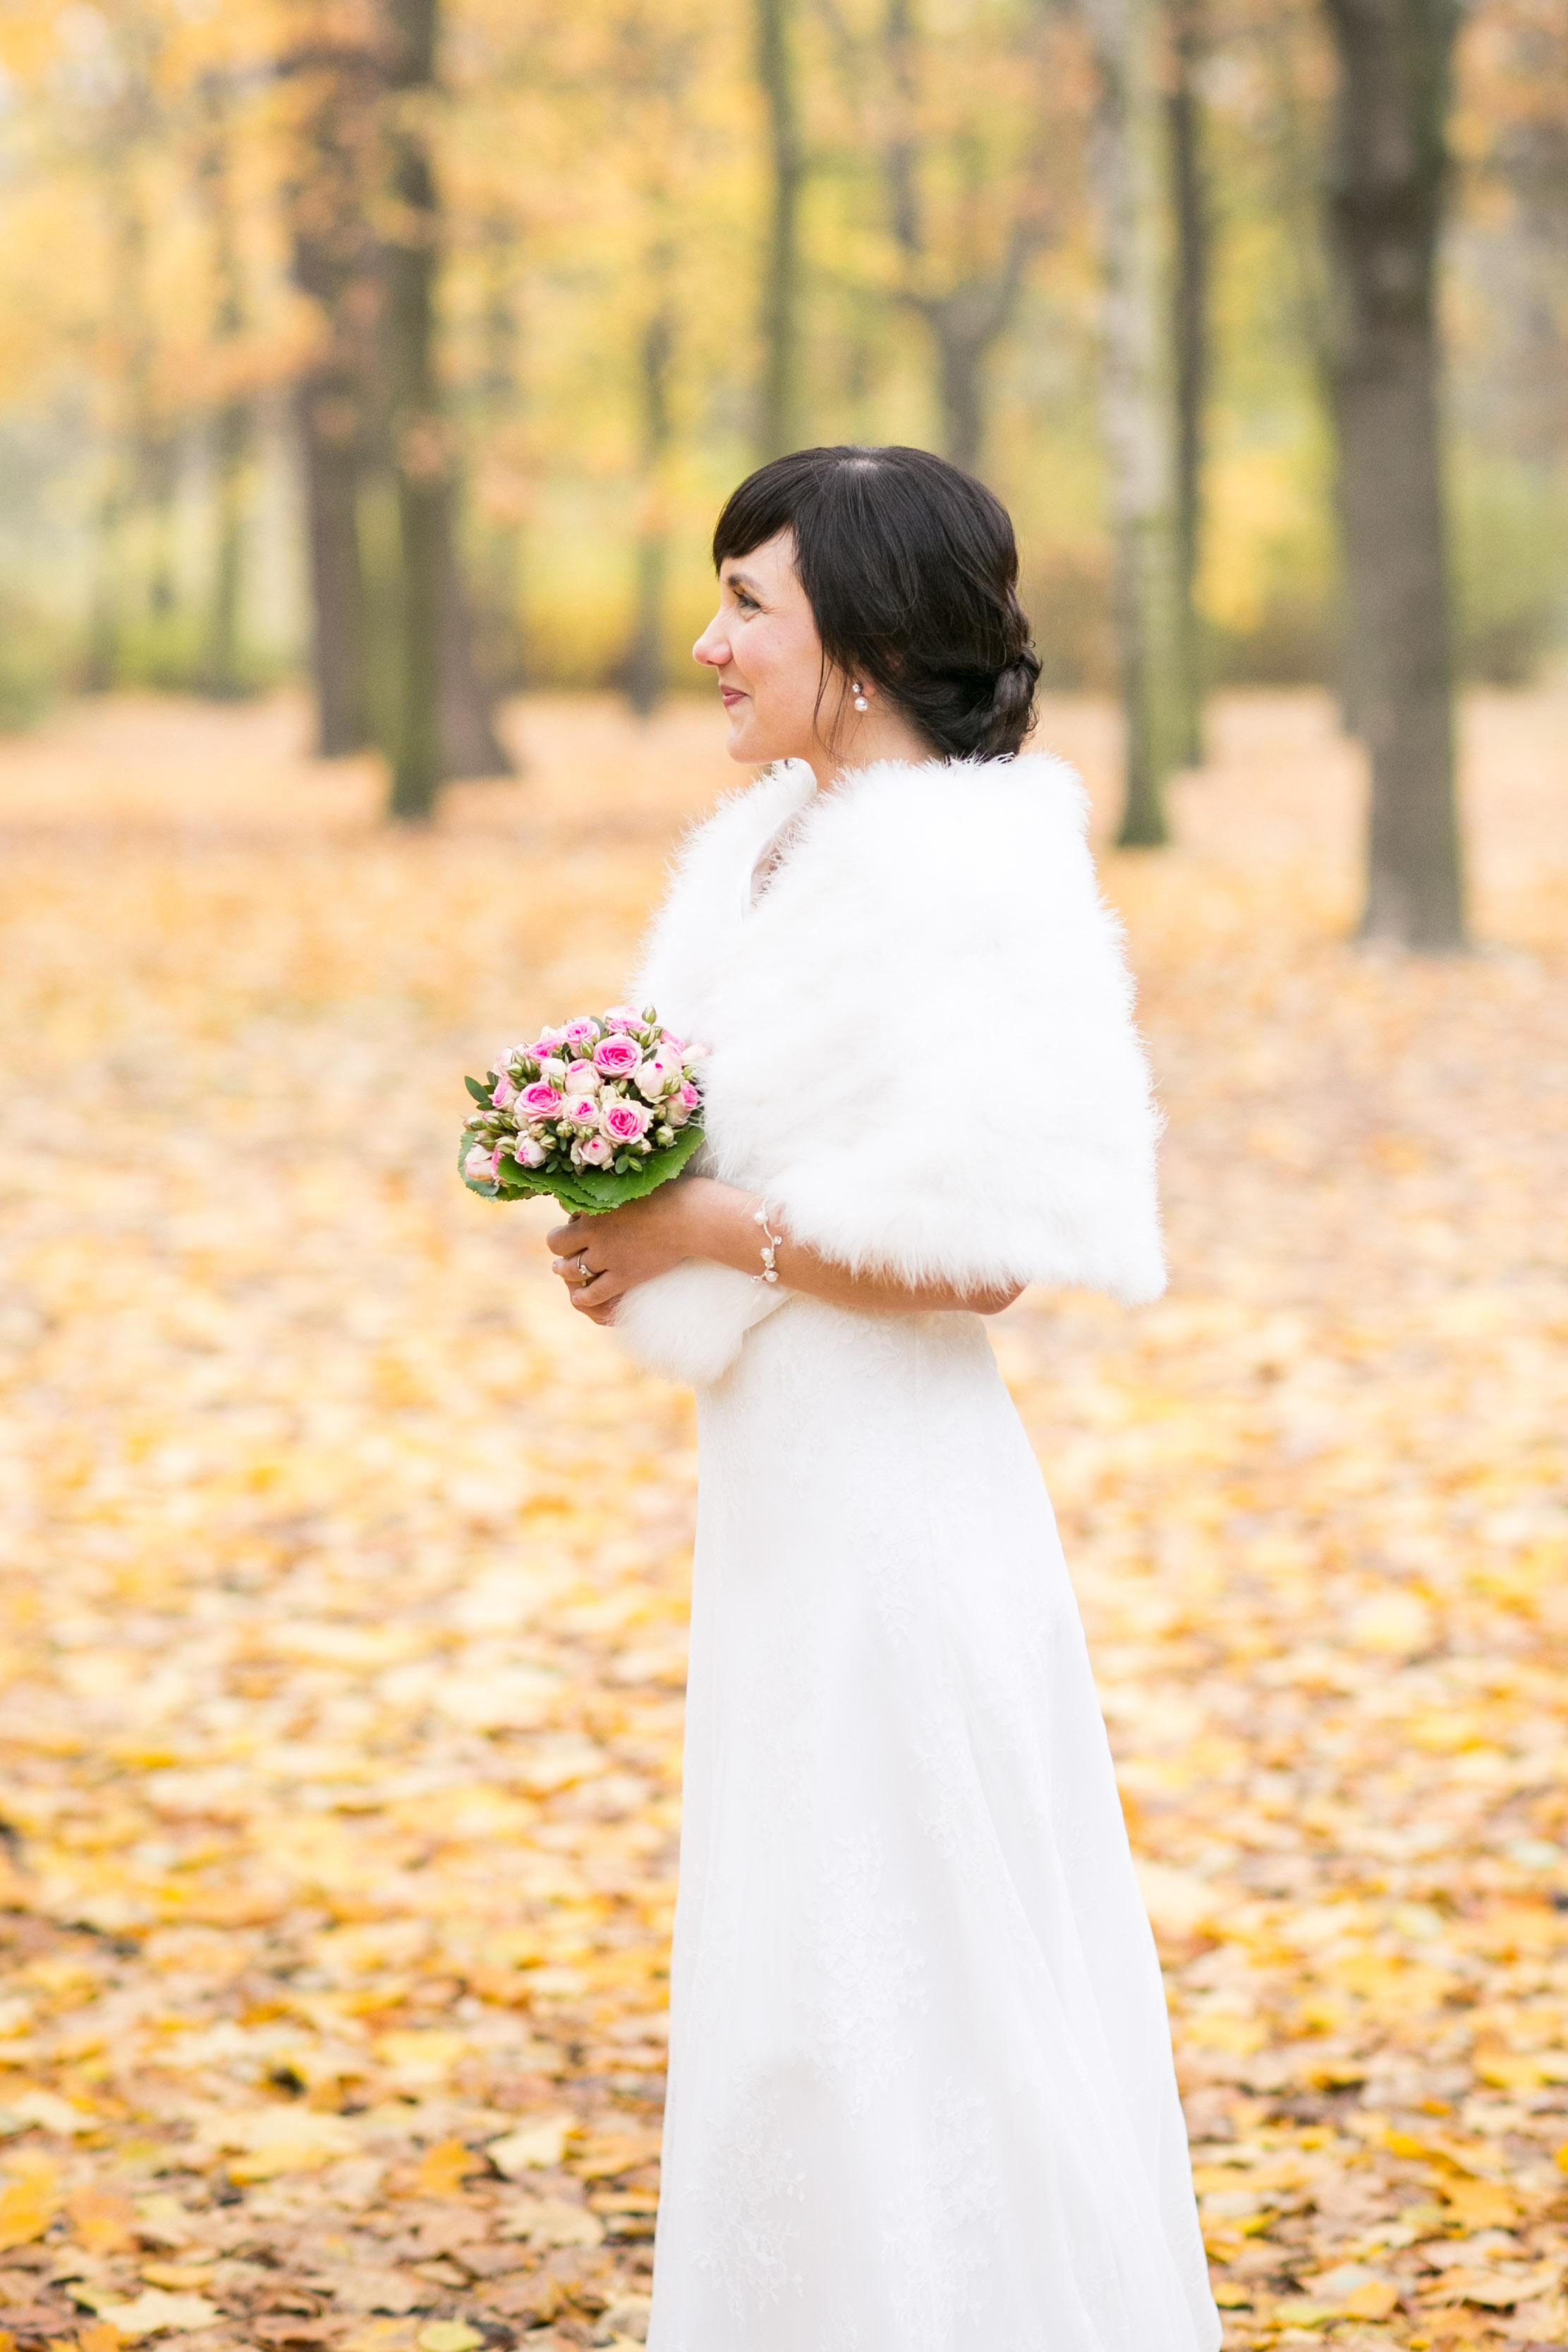 Fran Burrows Hochzeitsfotografie Berlin_Lichtenberg Standesamt-63.jpg